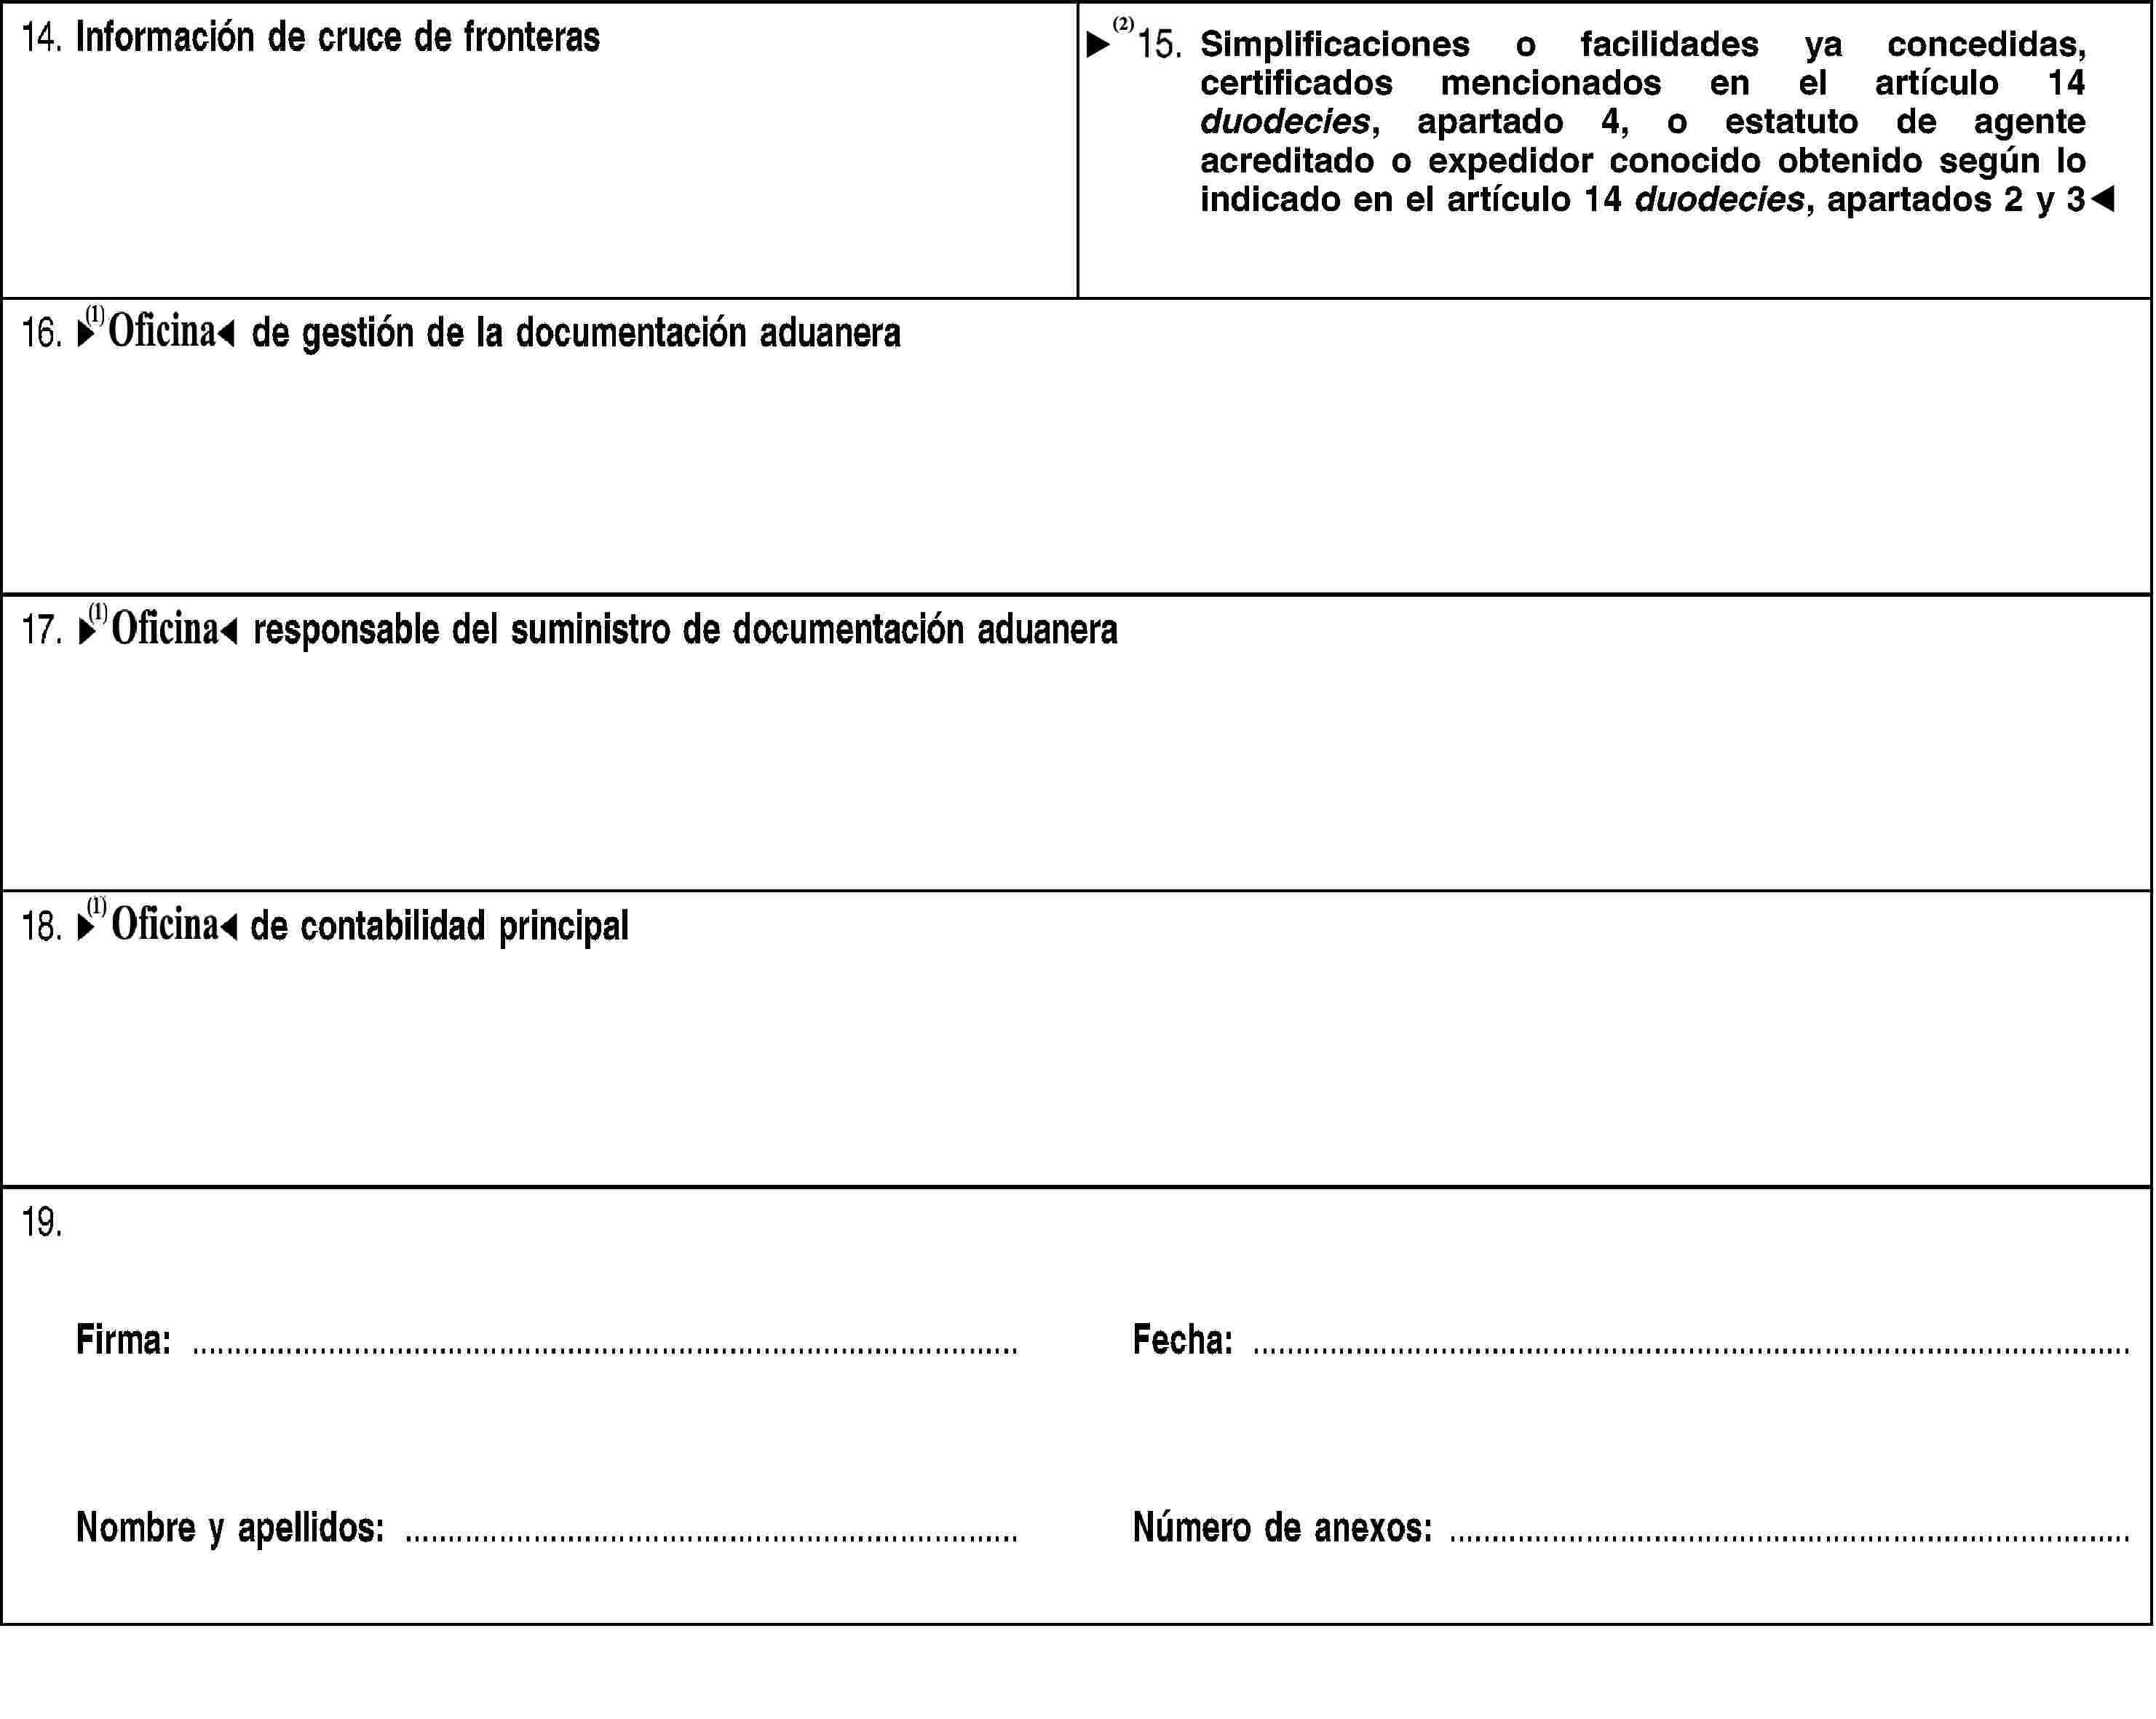 Calendario 2017 En Blanco Para Imprimir Argentina Más Actual Eur Lex R2454 Es Eur Lex Of Calendario 2017 En Blanco Para Imprimir Argentina Más Arriba-a-fecha Blend Calendario Para Escribir — Blendiberia